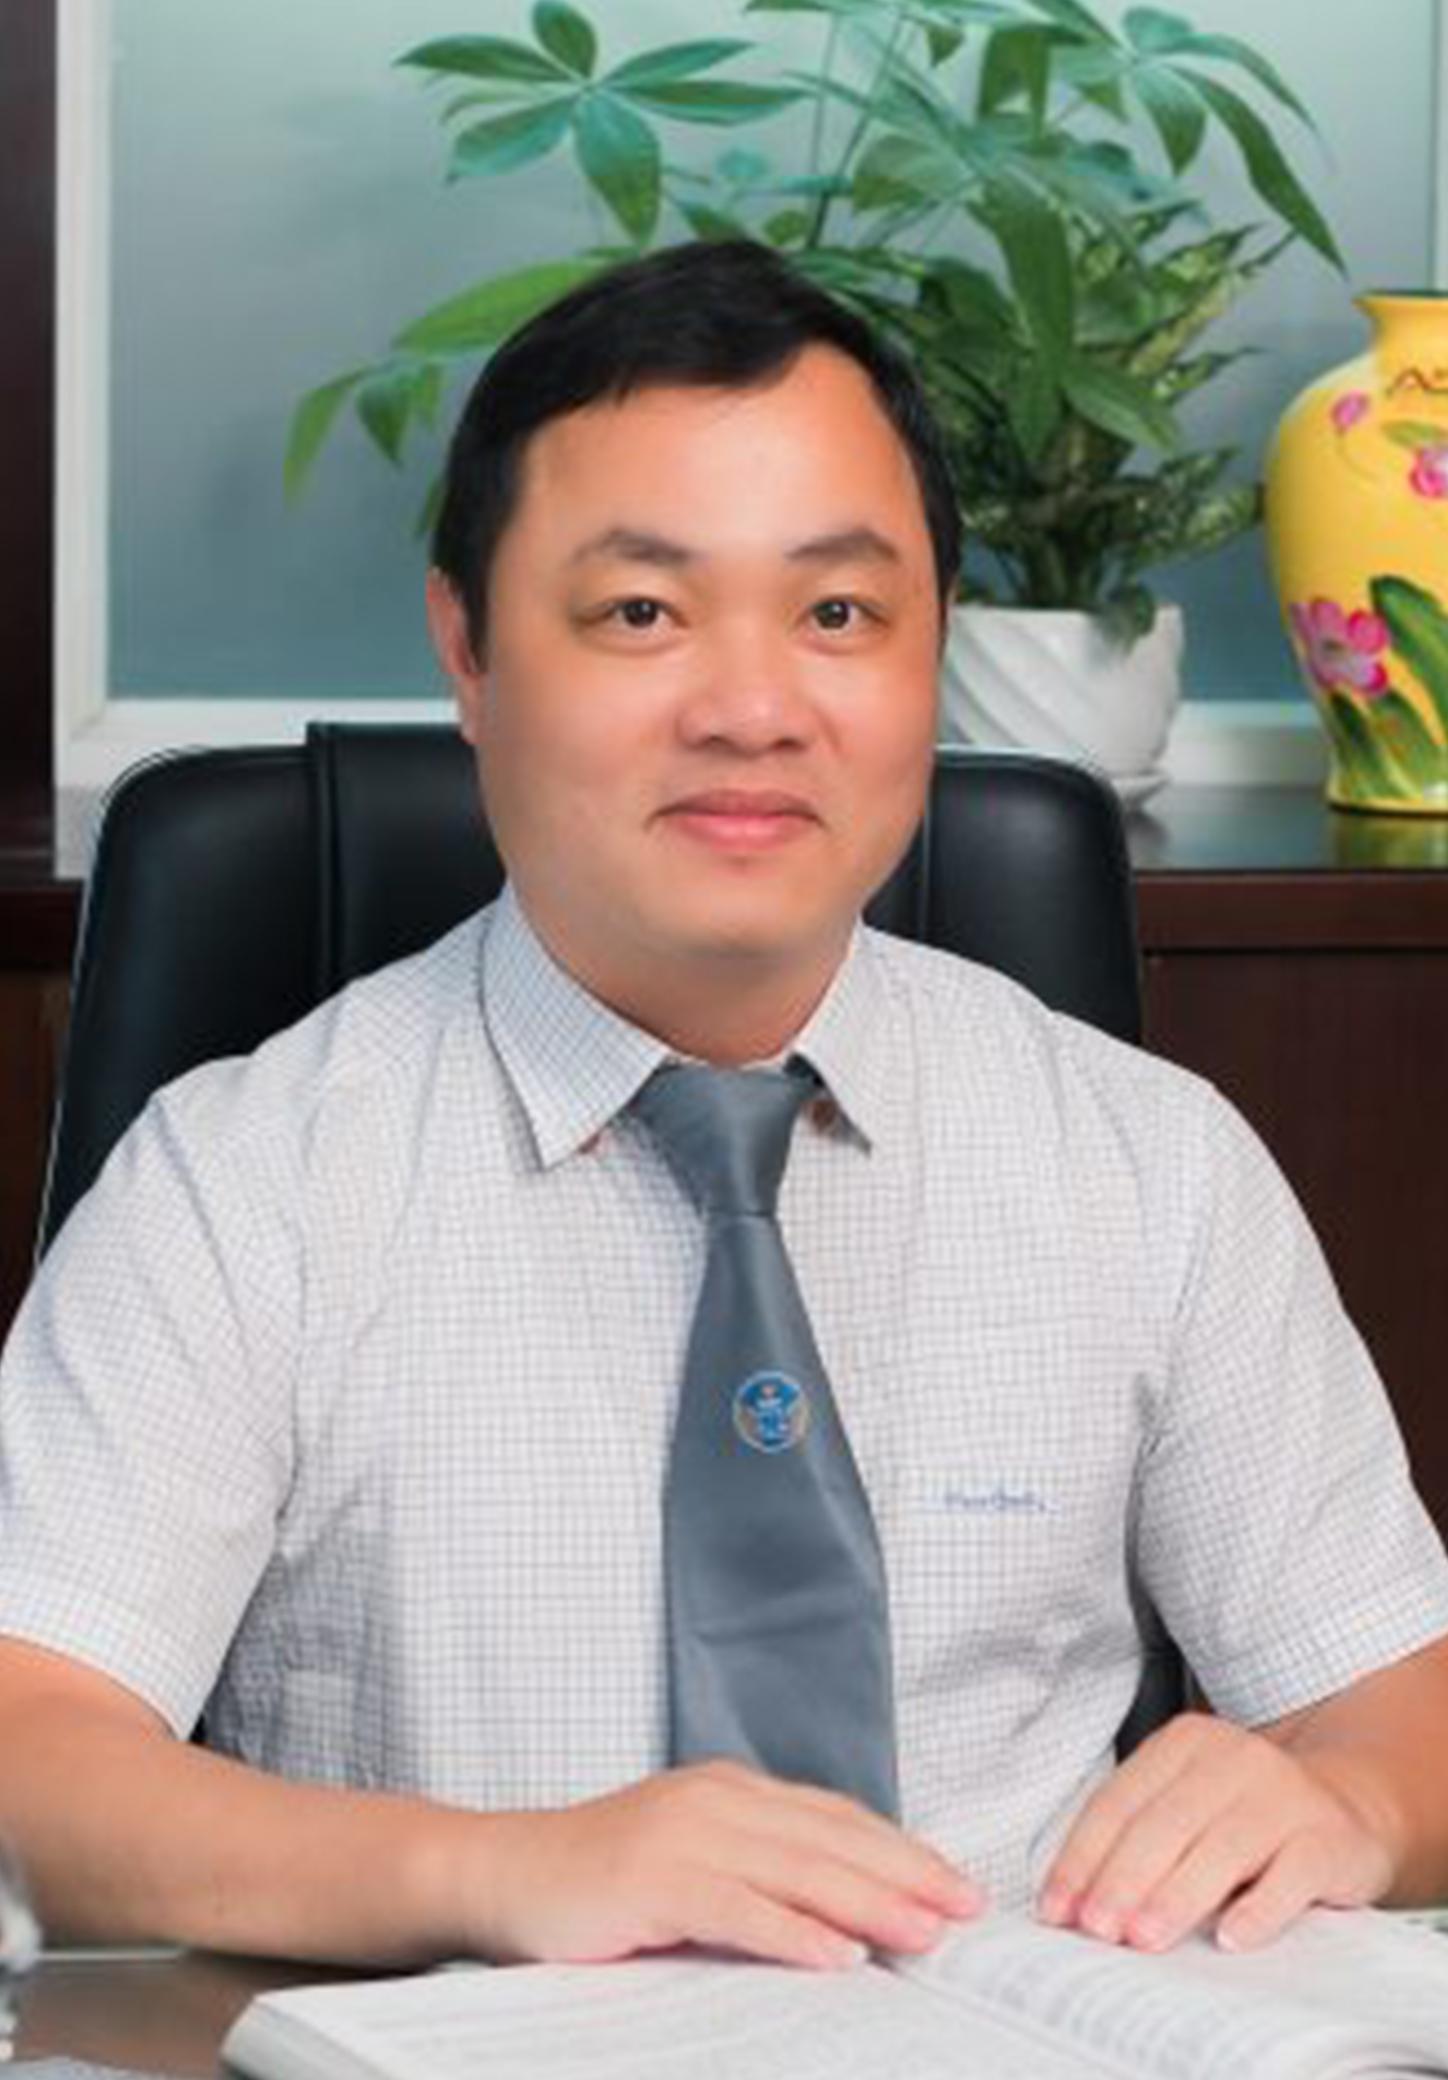 Luật sư Phạm Ngọc Minh - Giám đốc công ty TNHH Luật Everest